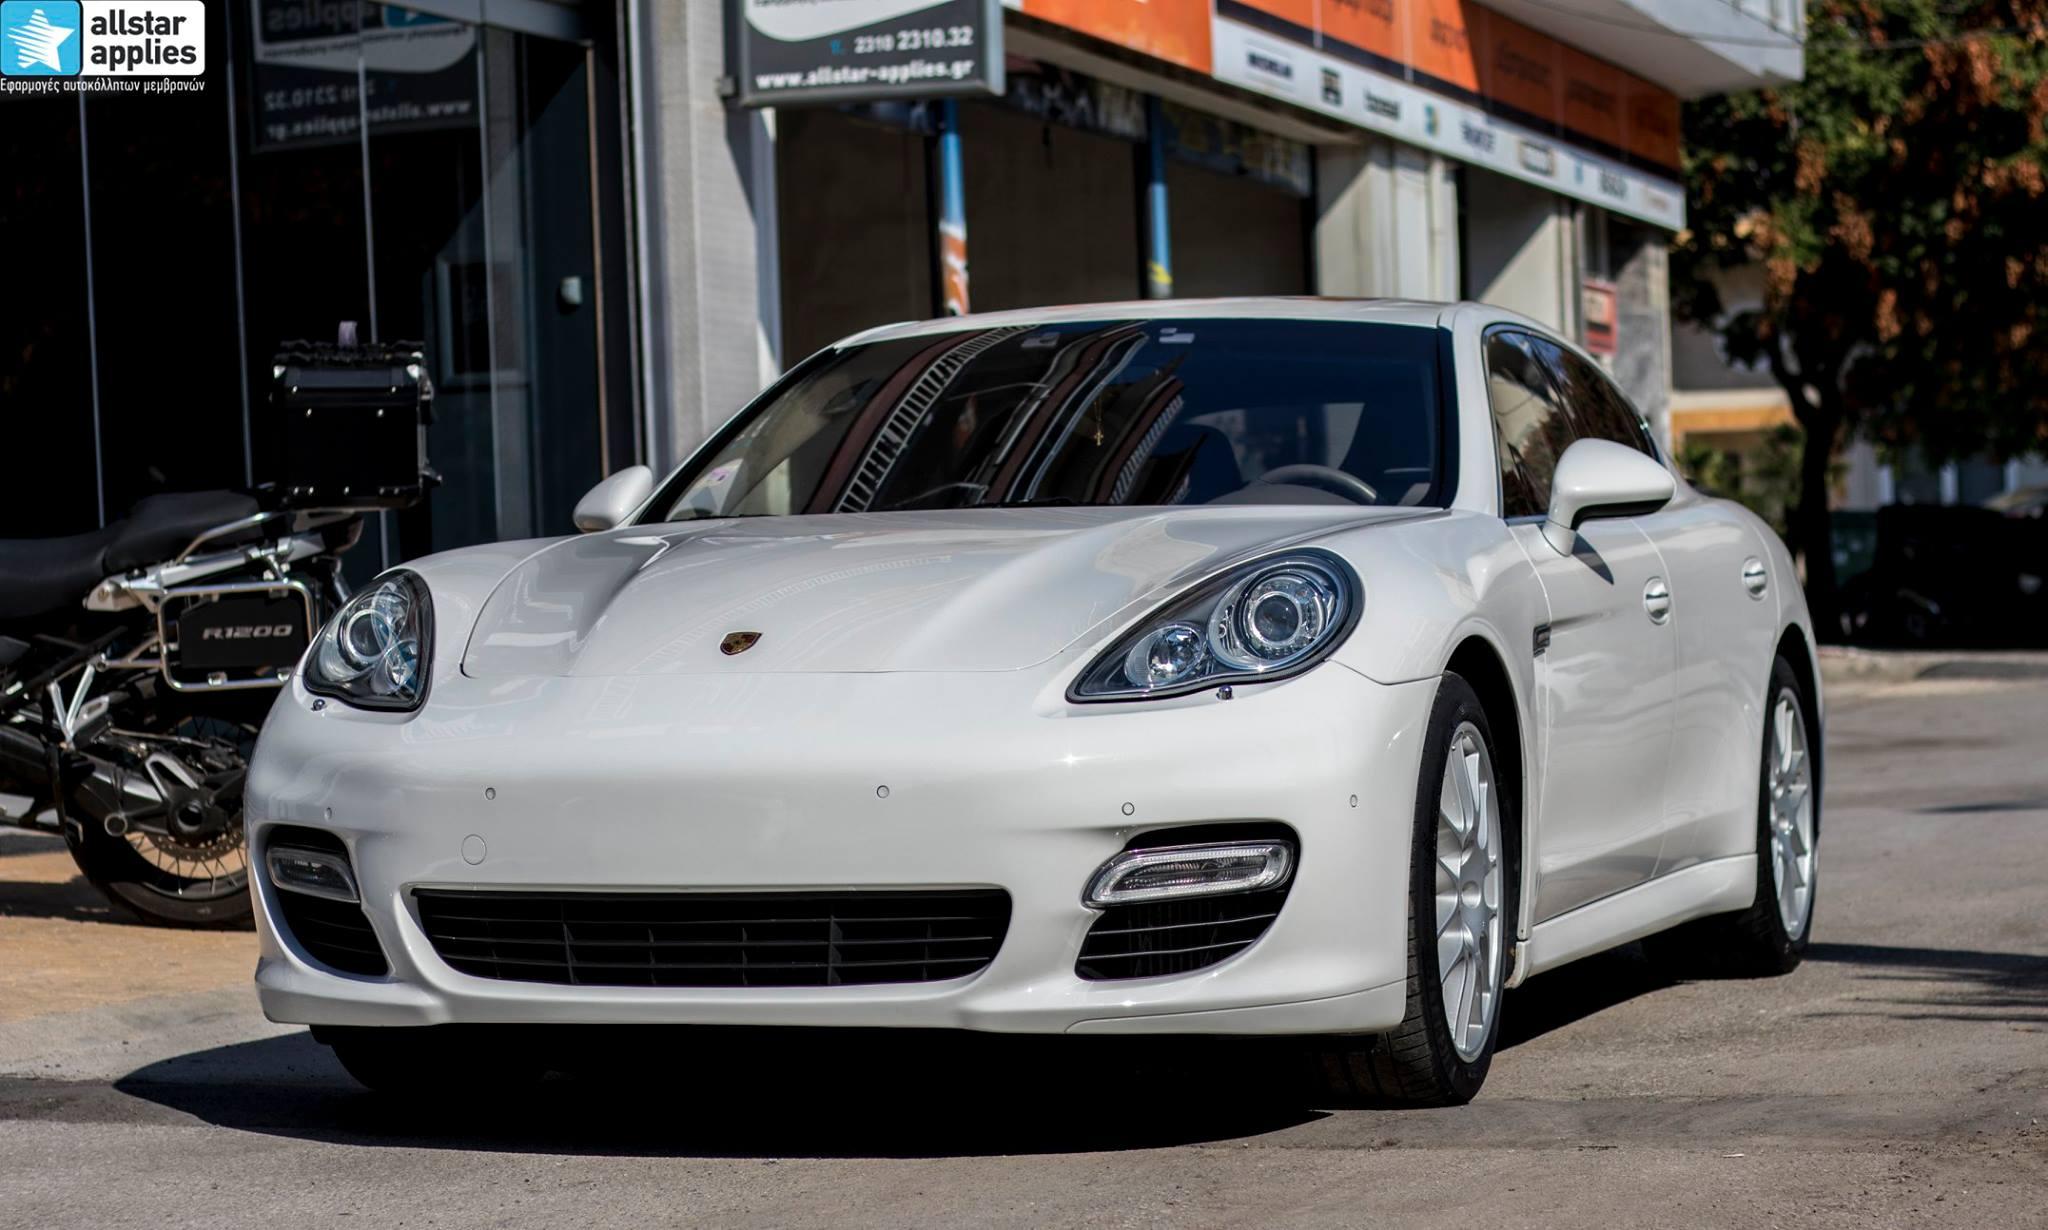 Porsche Panamera - Paint Protection Film (8)